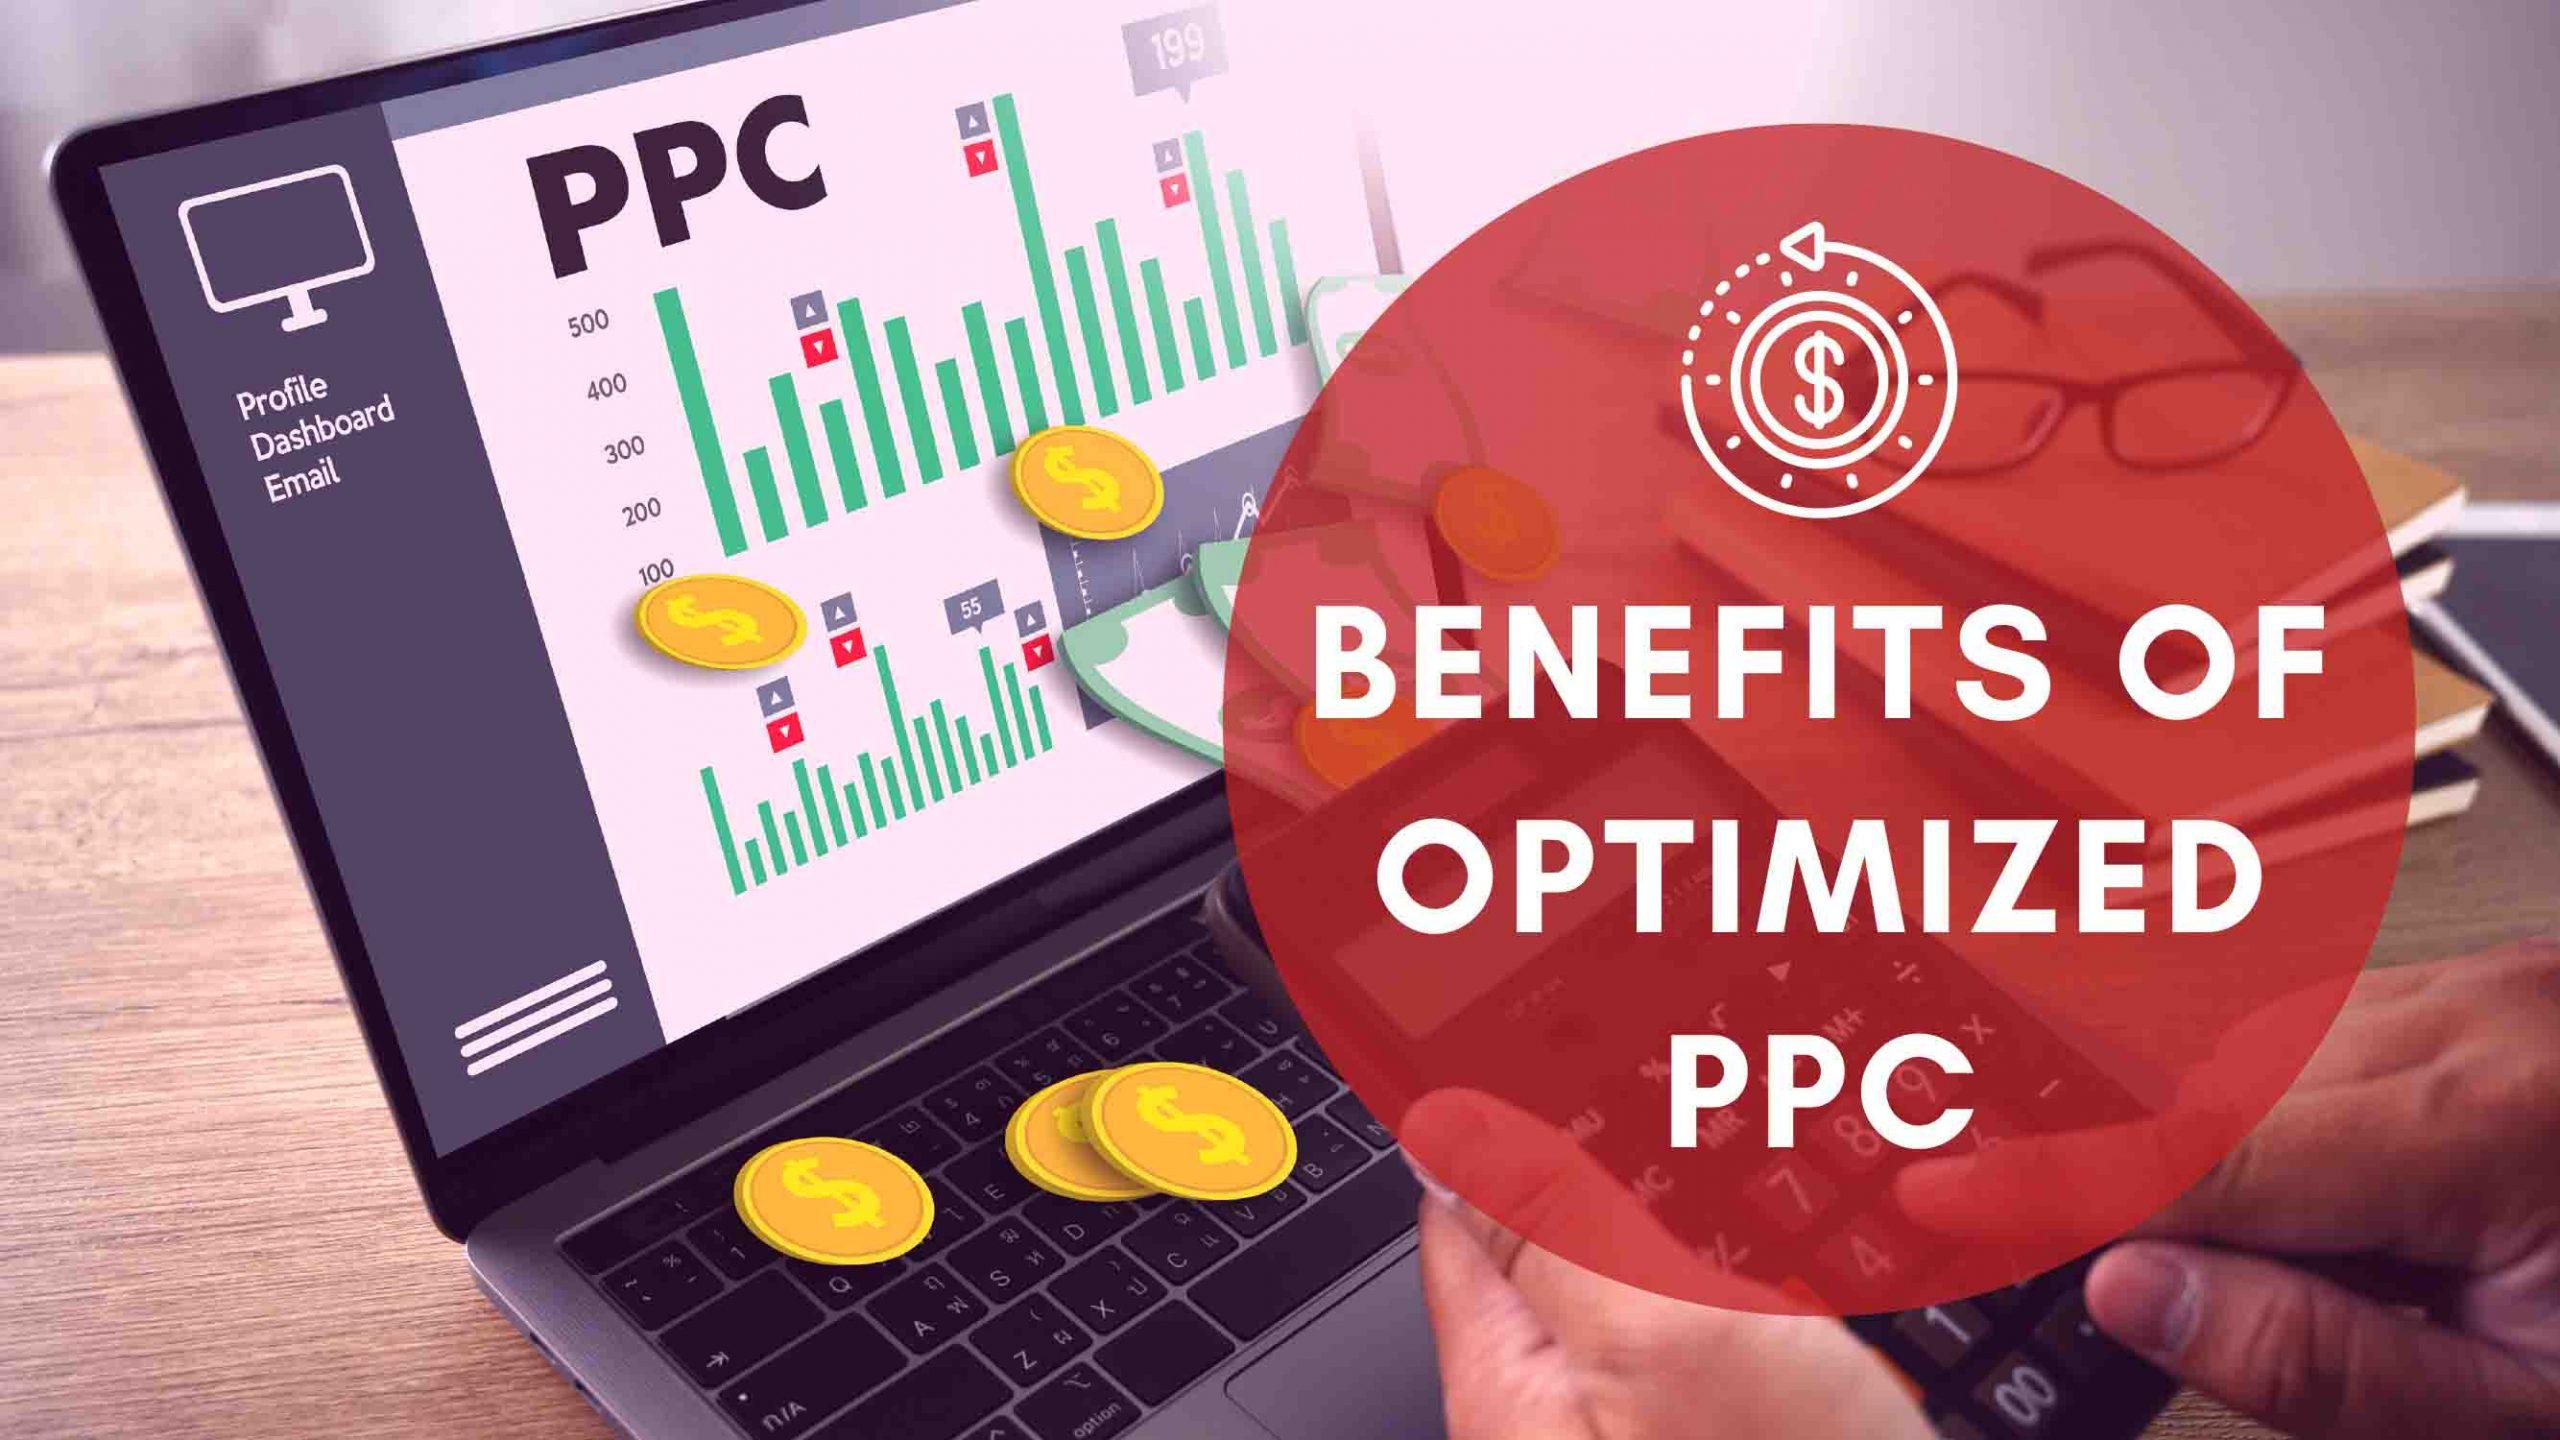 Benefits Of Optimized PPC - Freelancers HUB